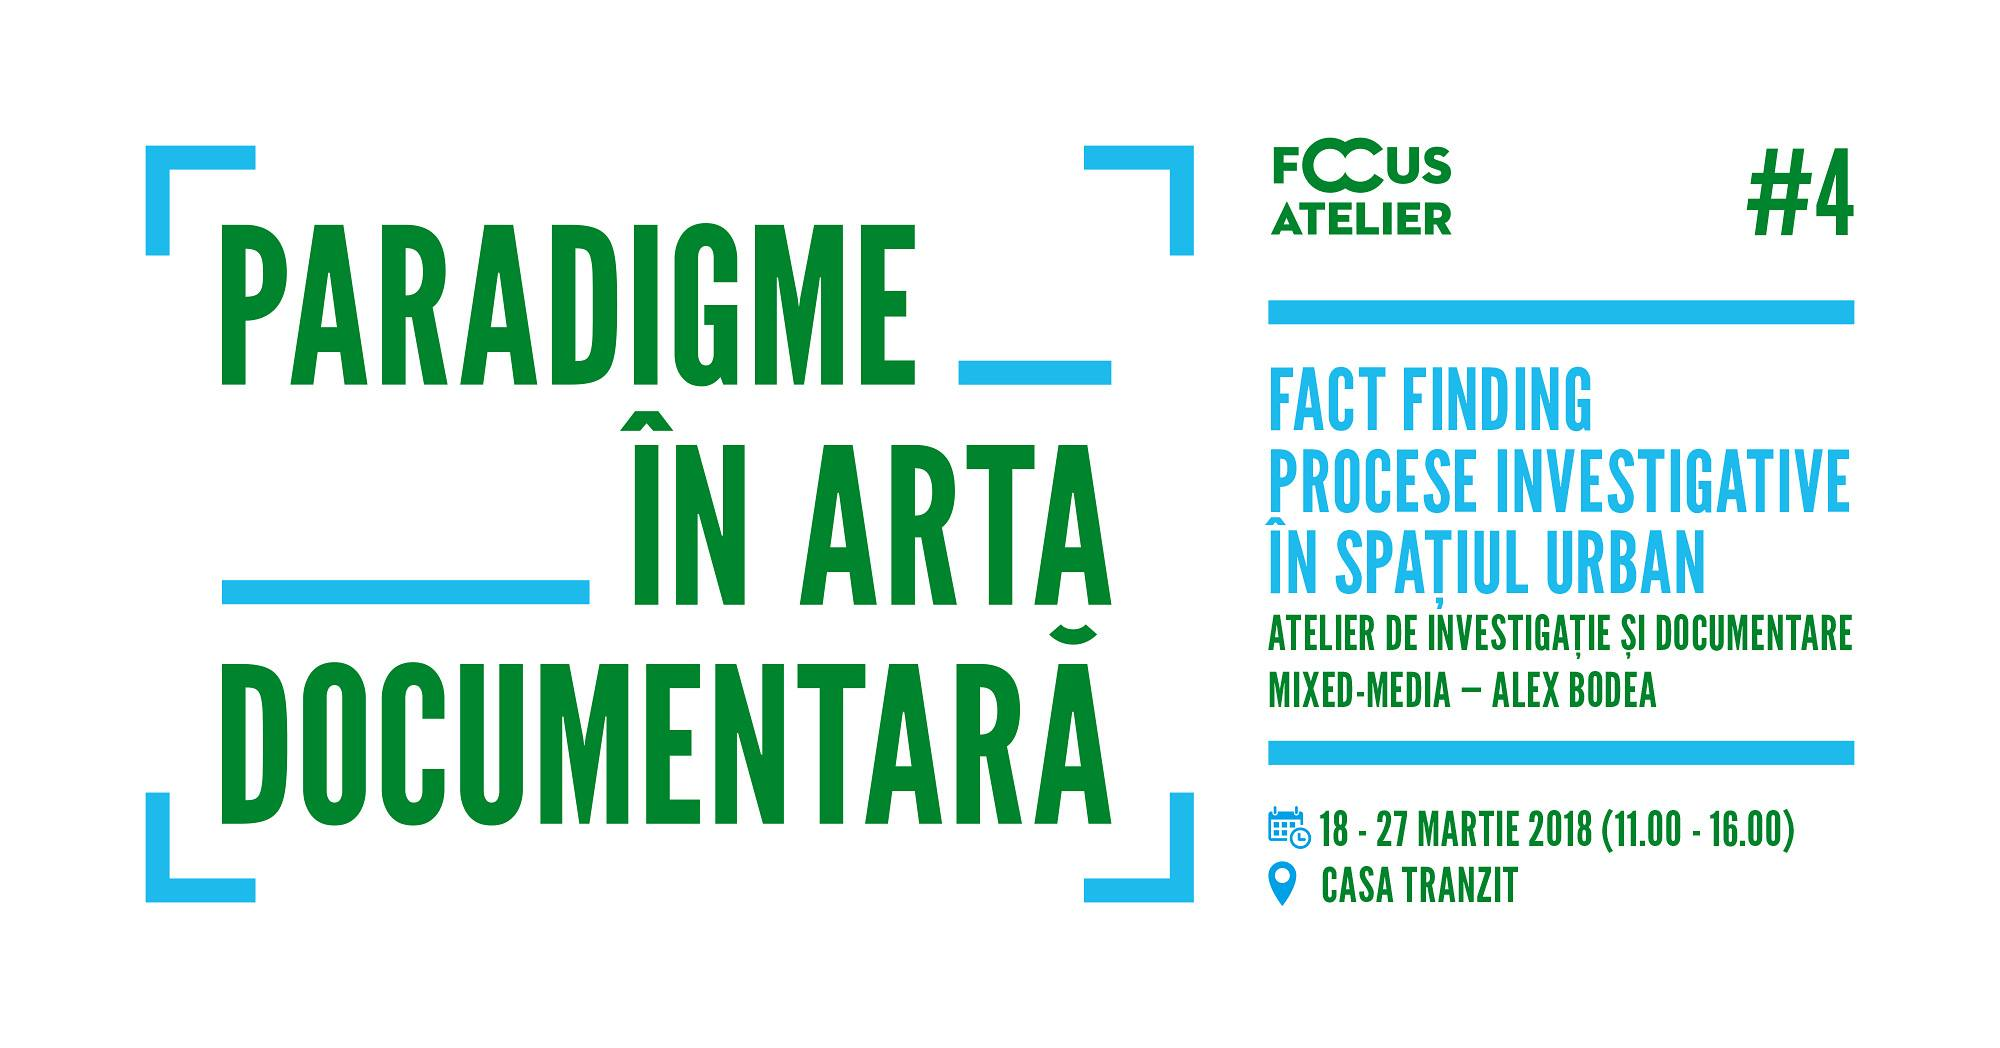 Înscrieri Focus Atelier: Procese investigative în spațiul urban